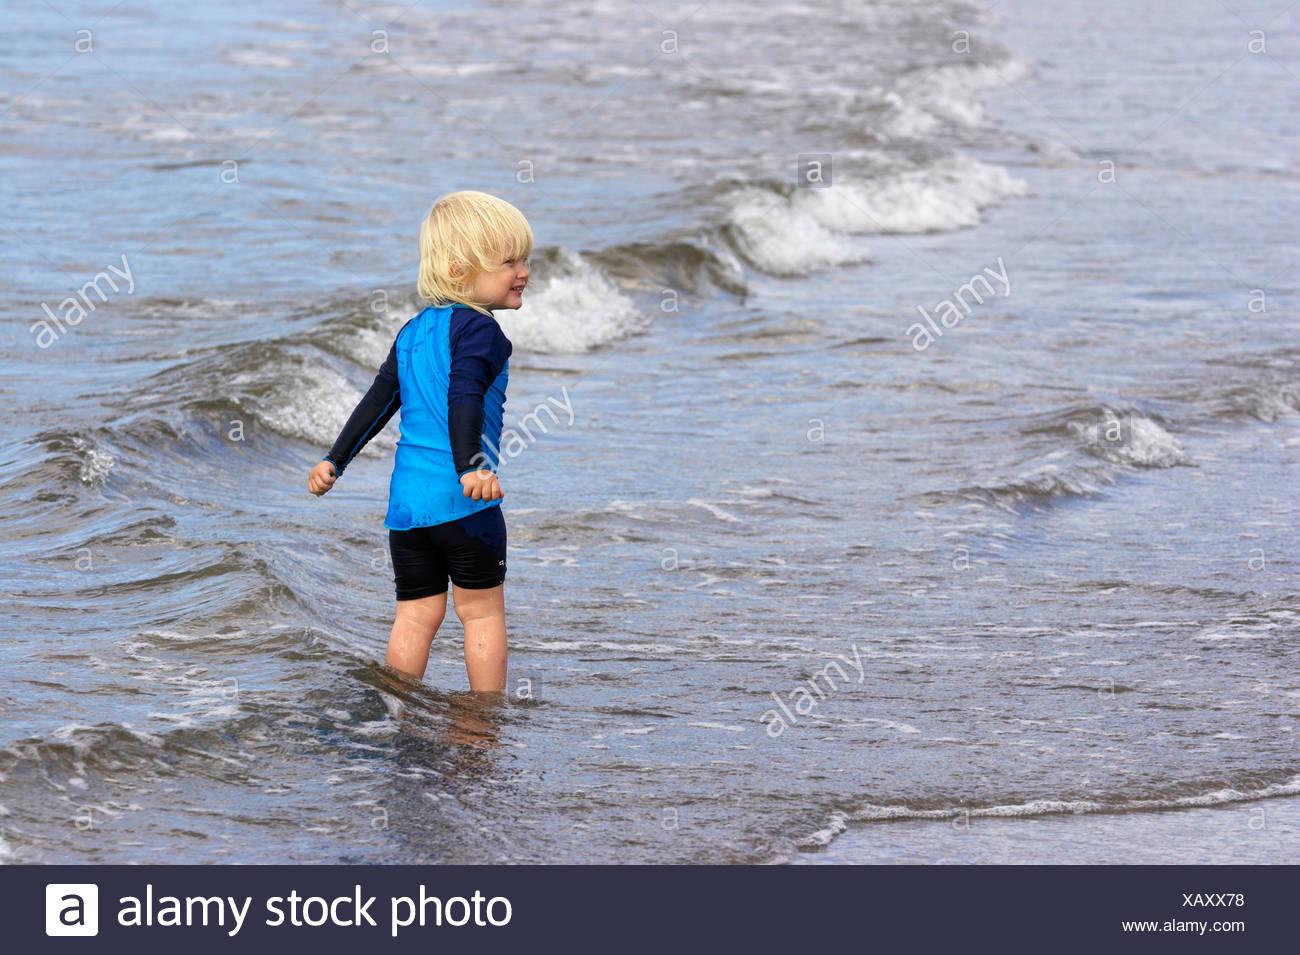 174cc94e95d845 Bathing Suit Blue Boy Photos   Bathing Suit Blue Boy Images - Alamy